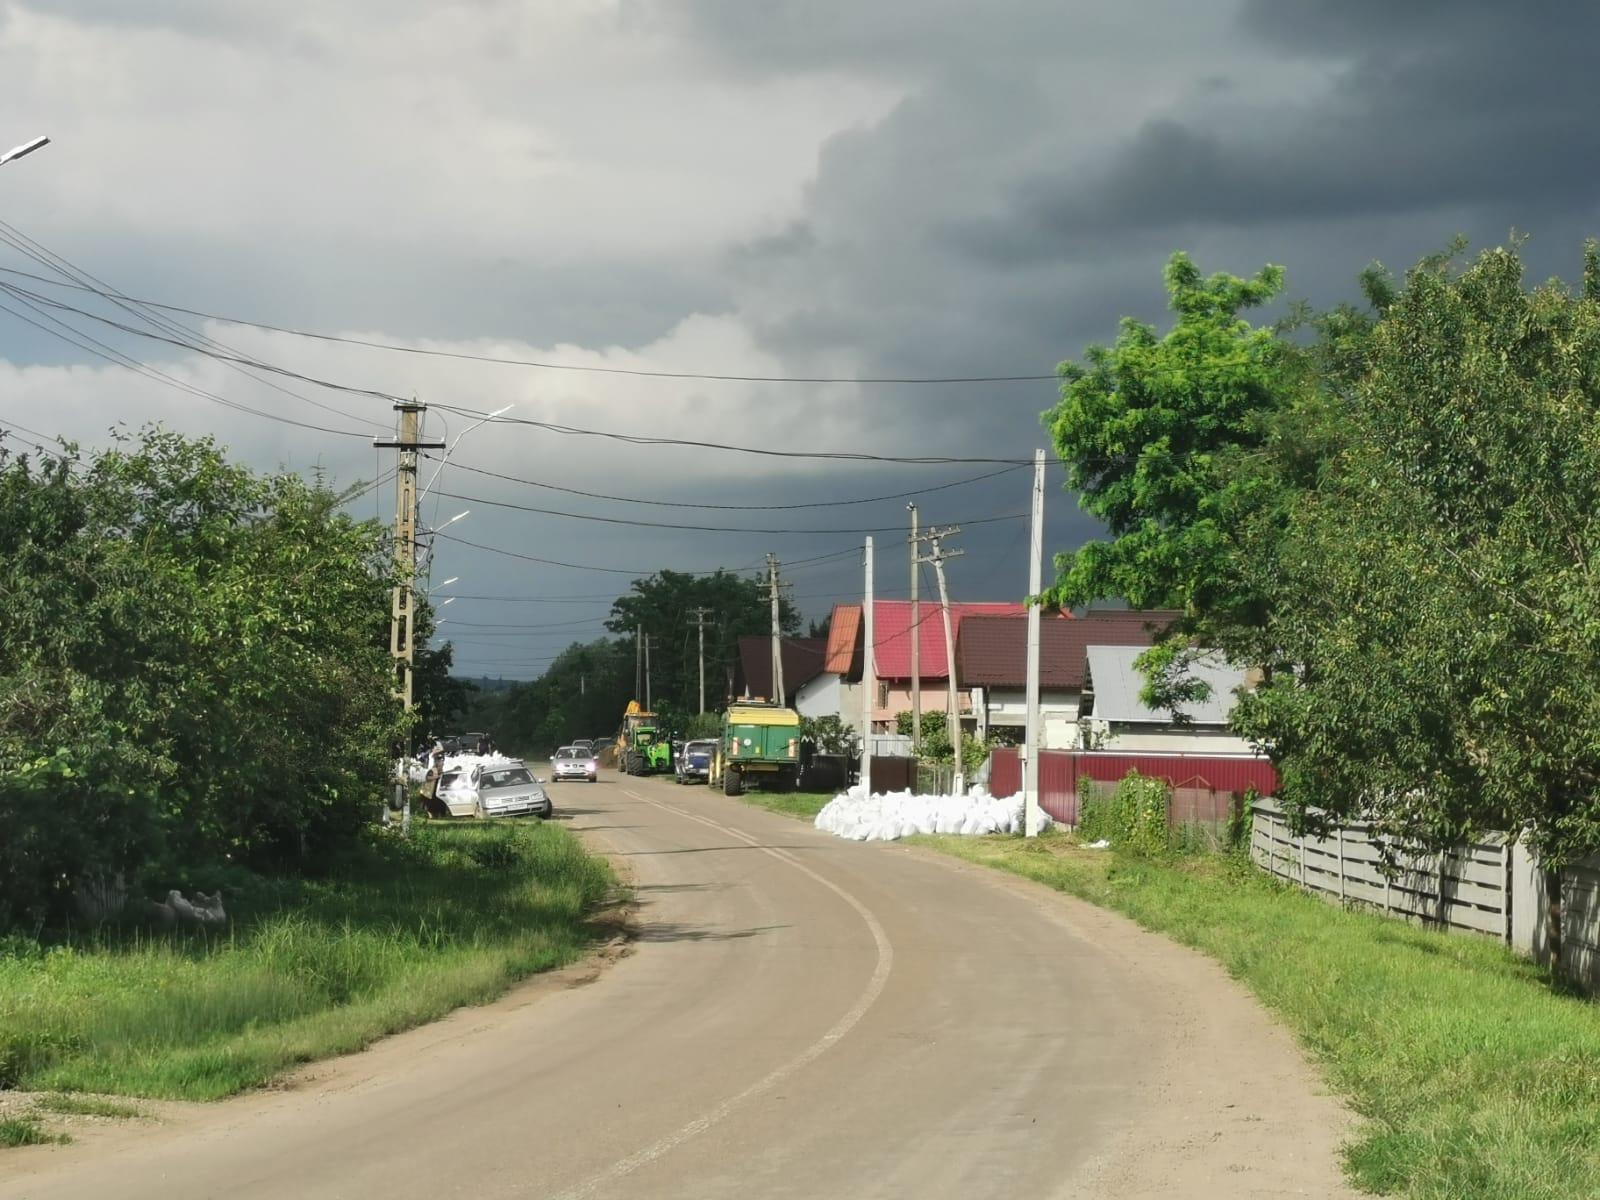 FOTO / Populația din Rădăuți Prut și Rediu avertizată să nu revină în locuințele din zonele inundabile. Câteva mii de saci cu nisip vor fi folosiți  împotriva apelor